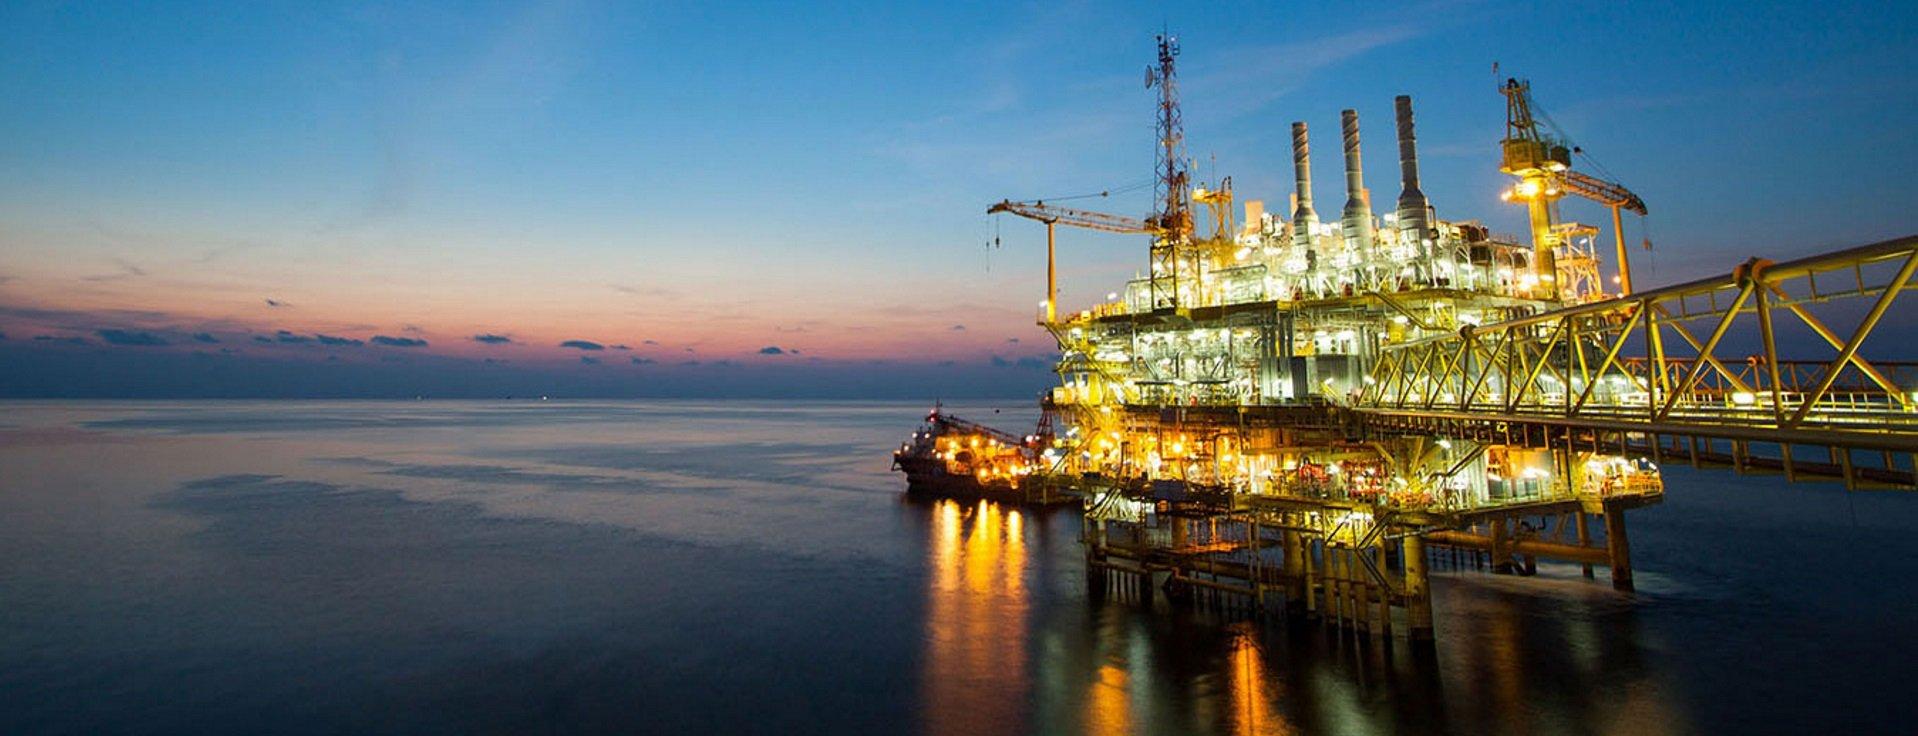 Motor Oil Refinery